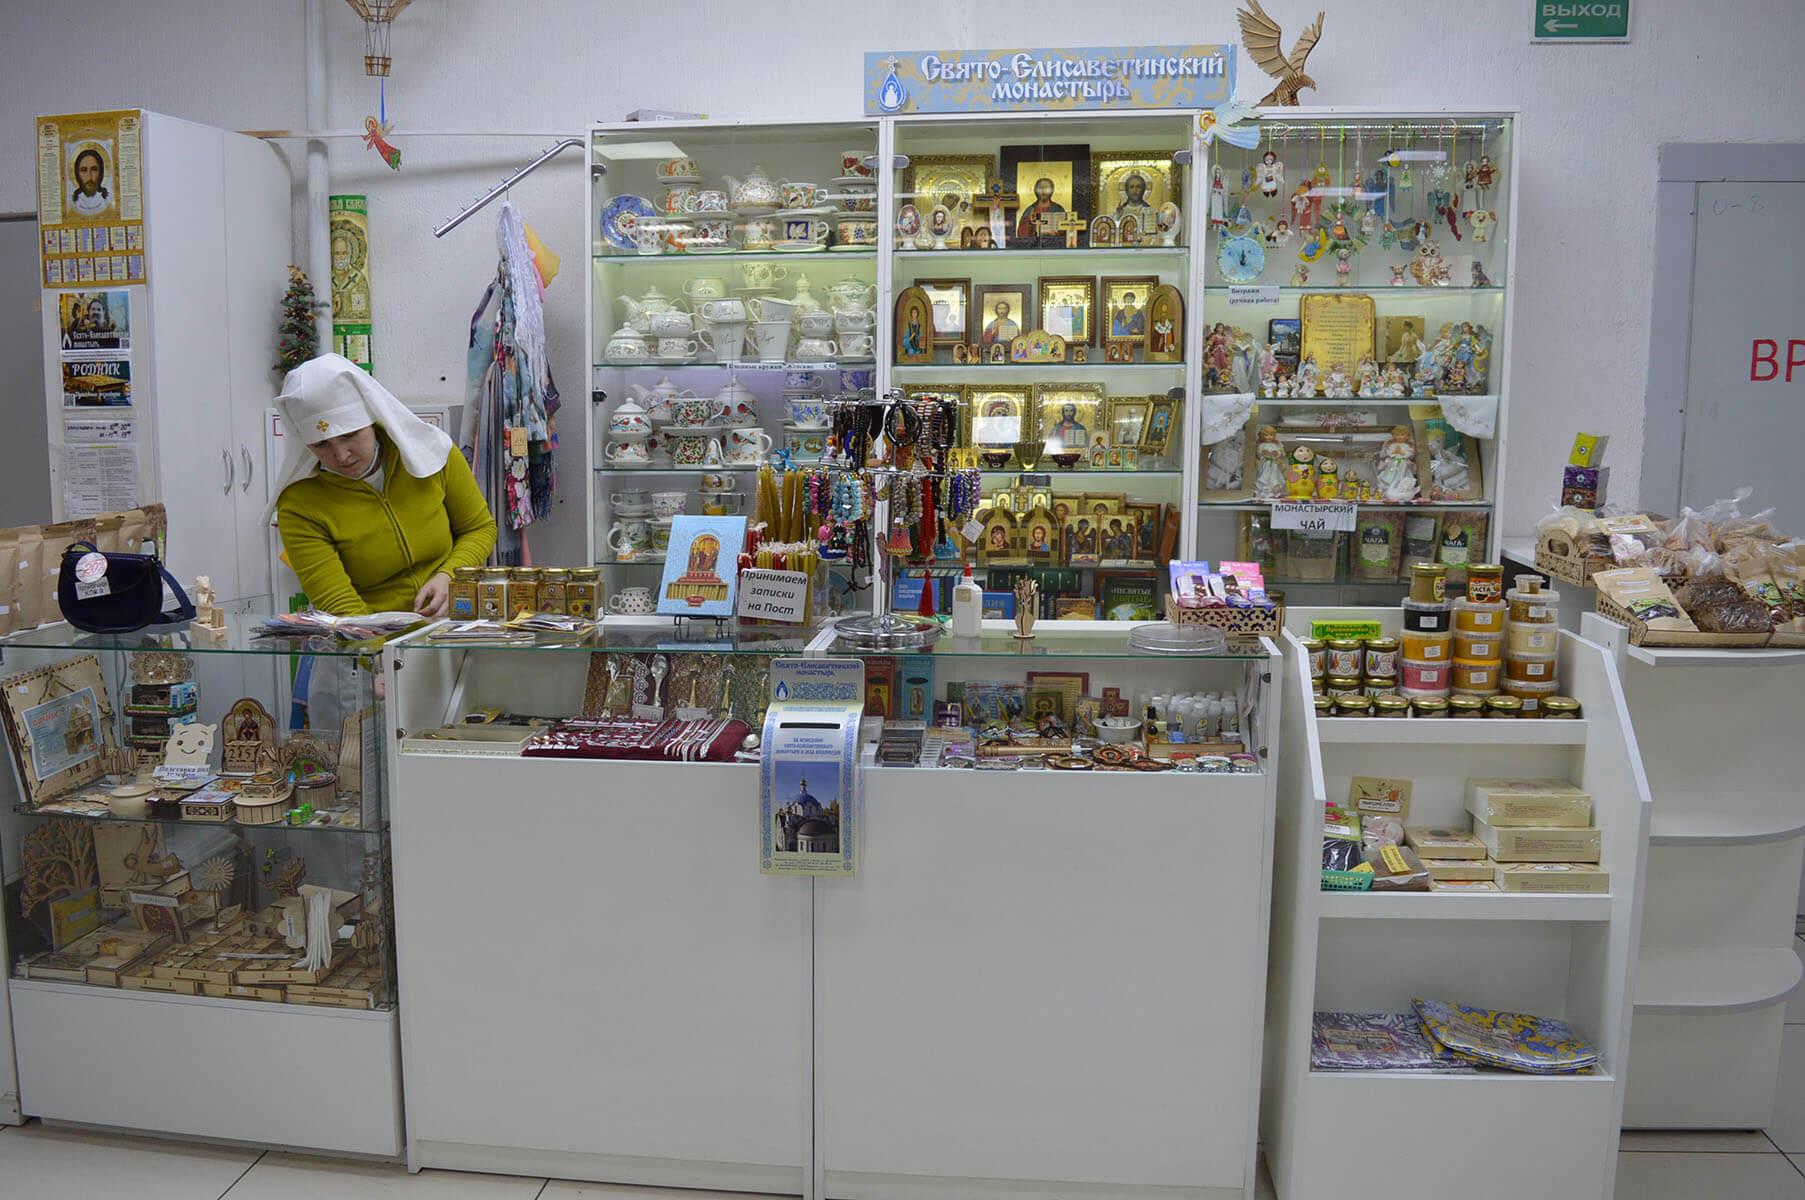 Лавка продукции Свято-Елисаветинсого монастыря в Торговом Центре Немига 3, г Минск